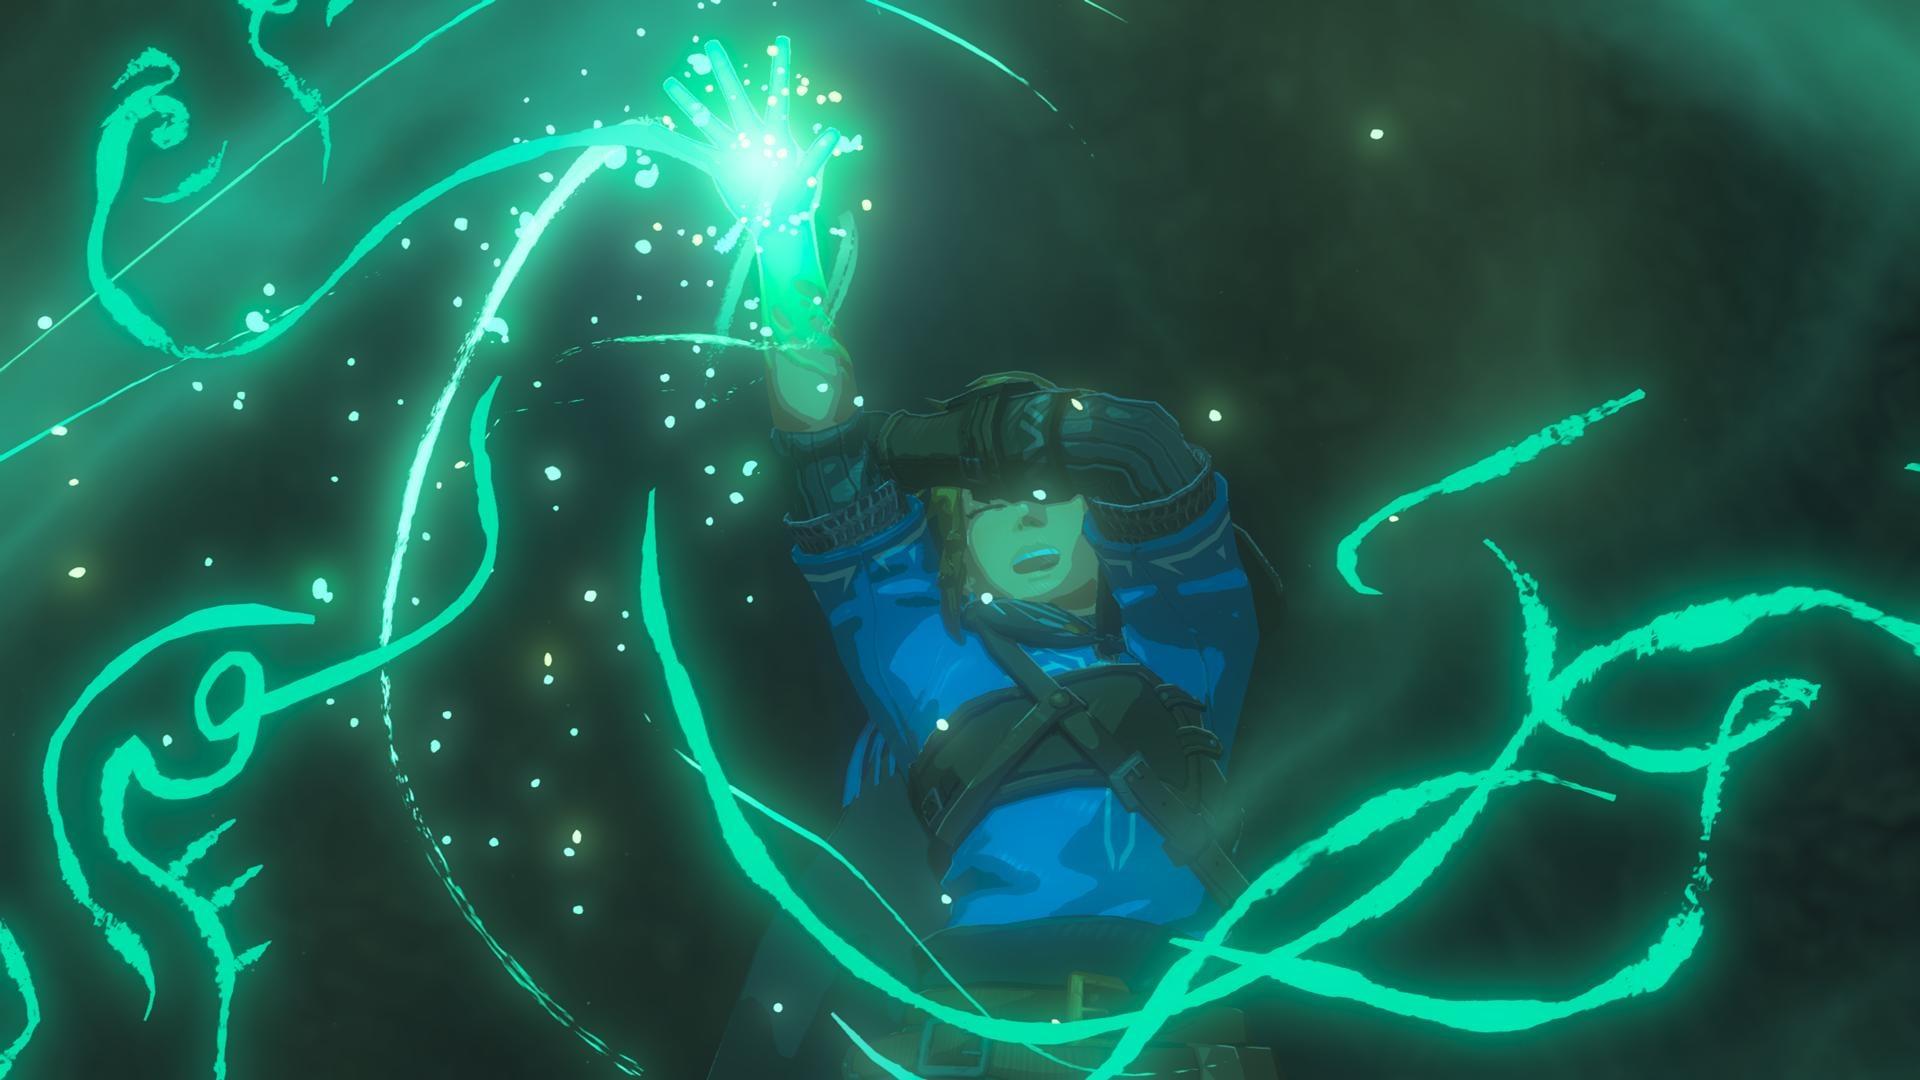 Новая The Legend of Zelda будет намного мрачнее Breath of the Wild